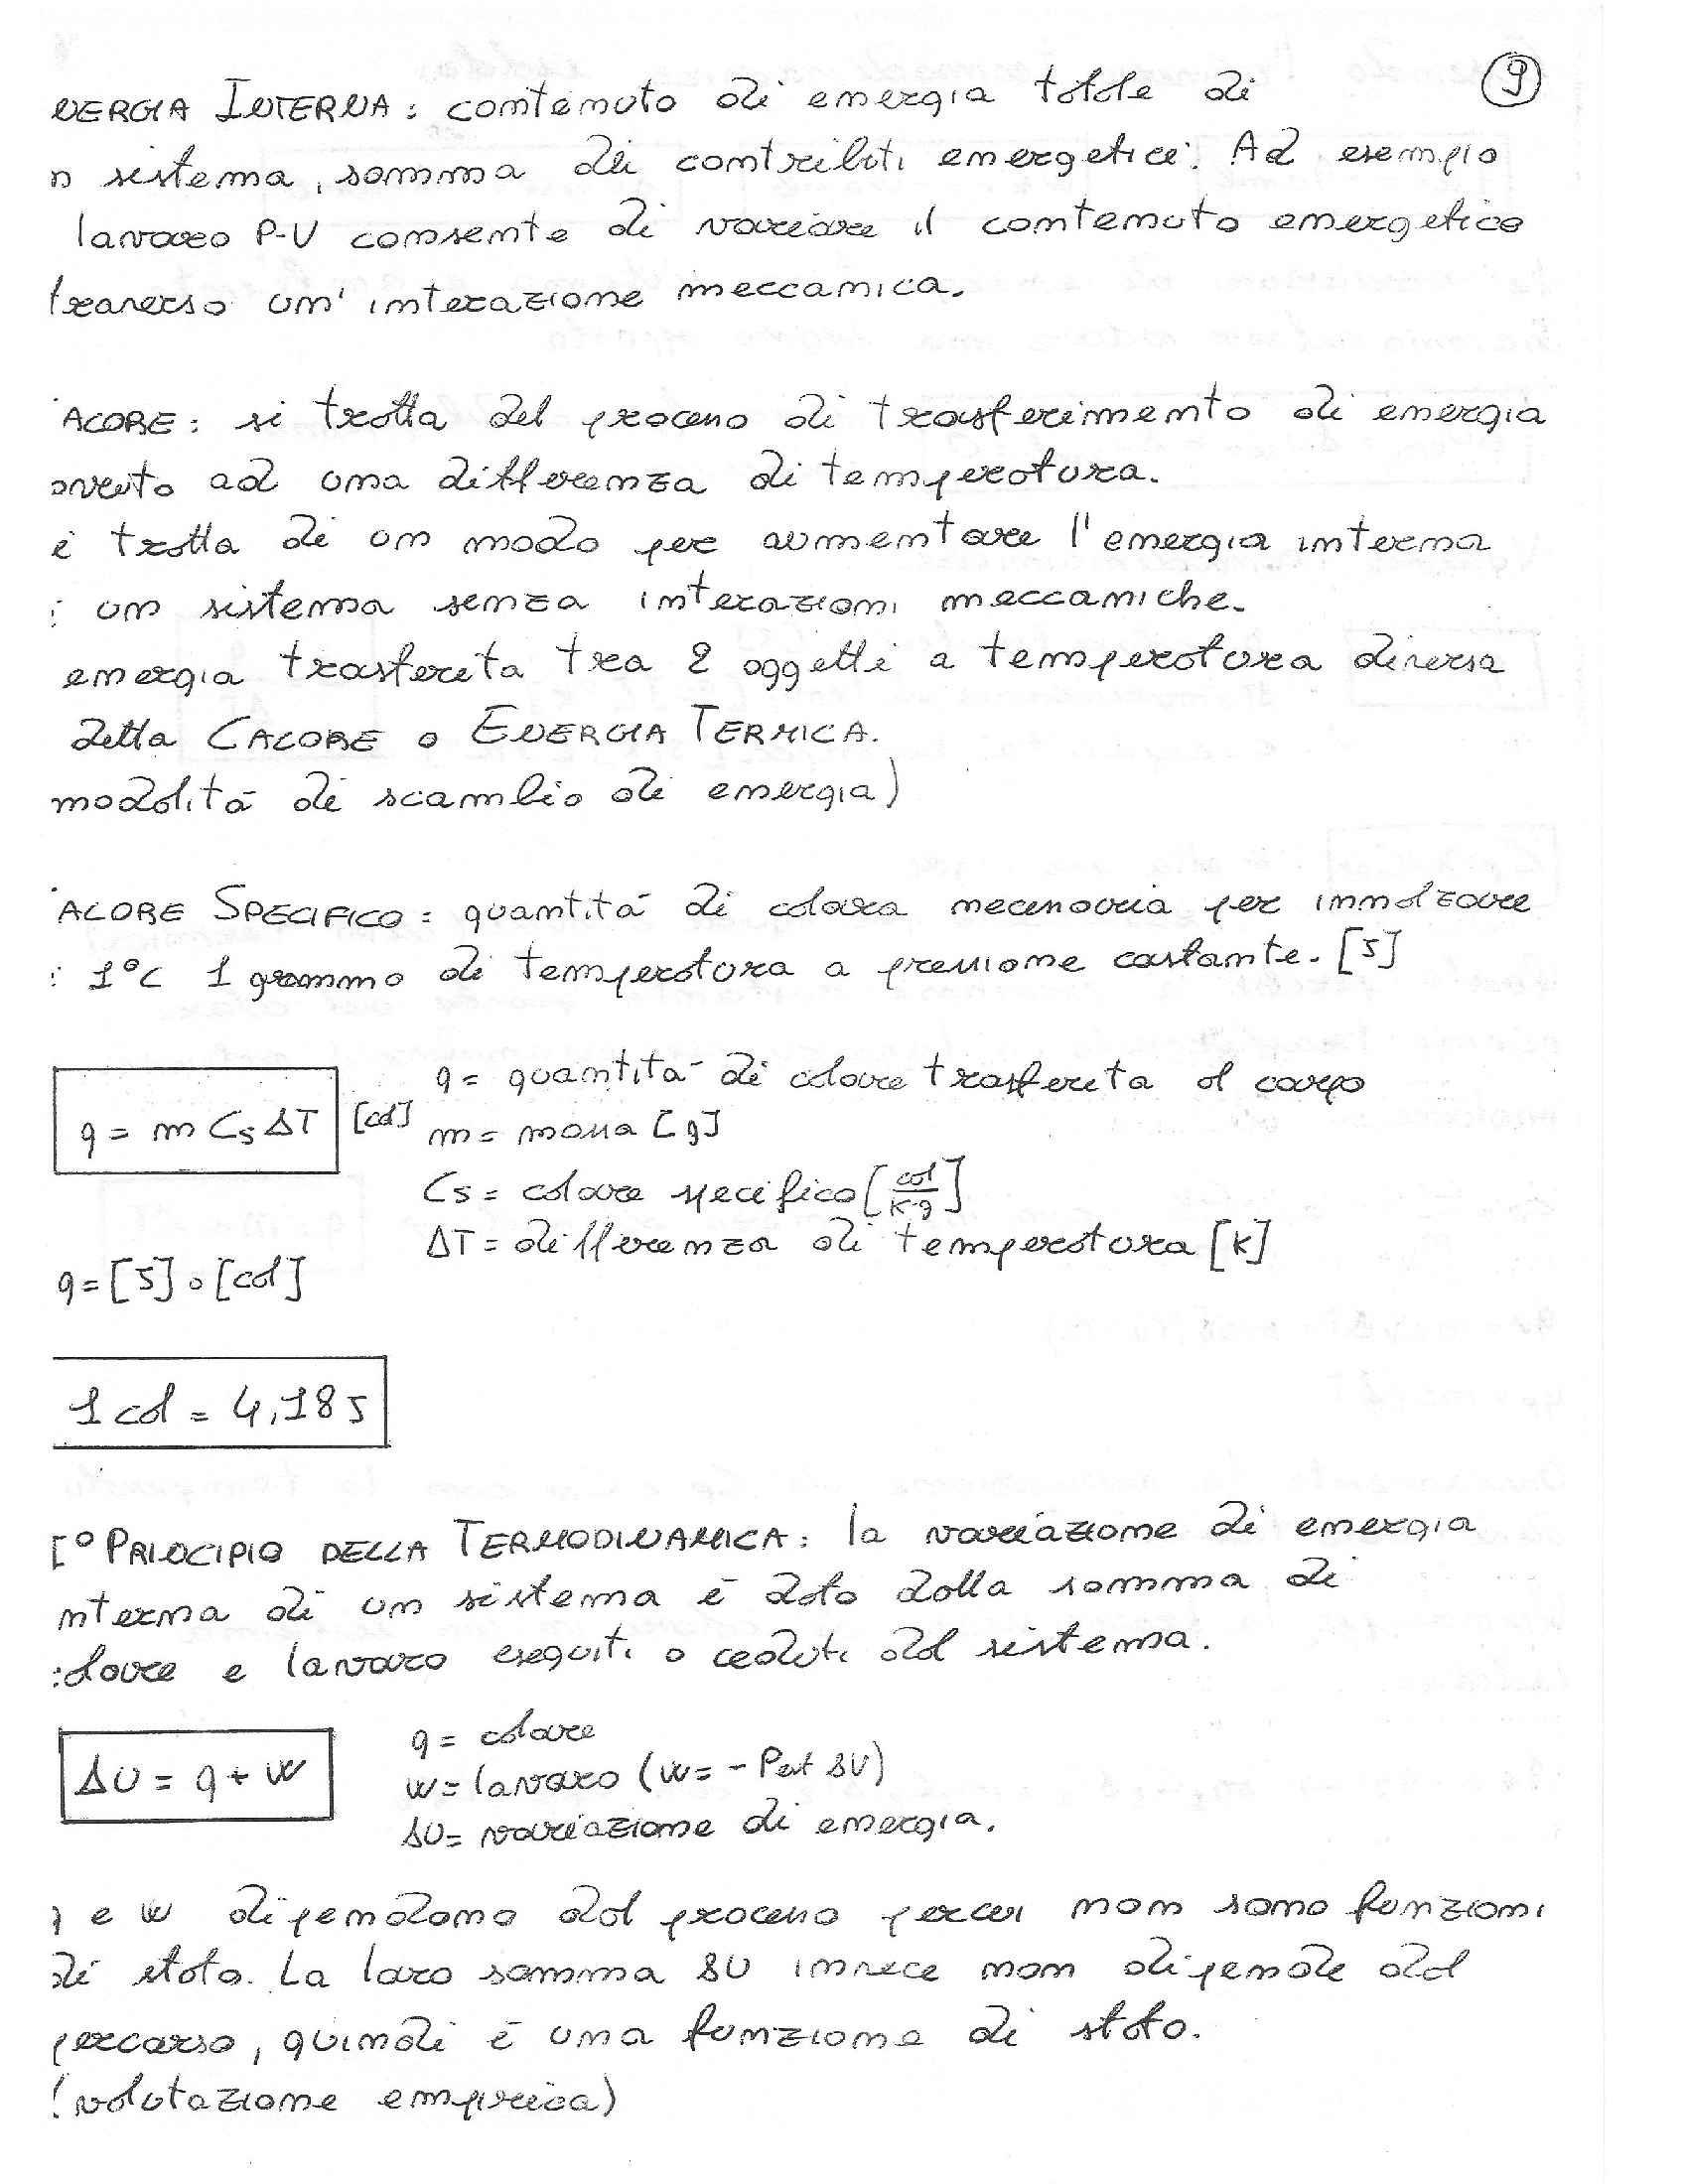 Scienza e tecnologia dei materiali - Appunti Pag. 31